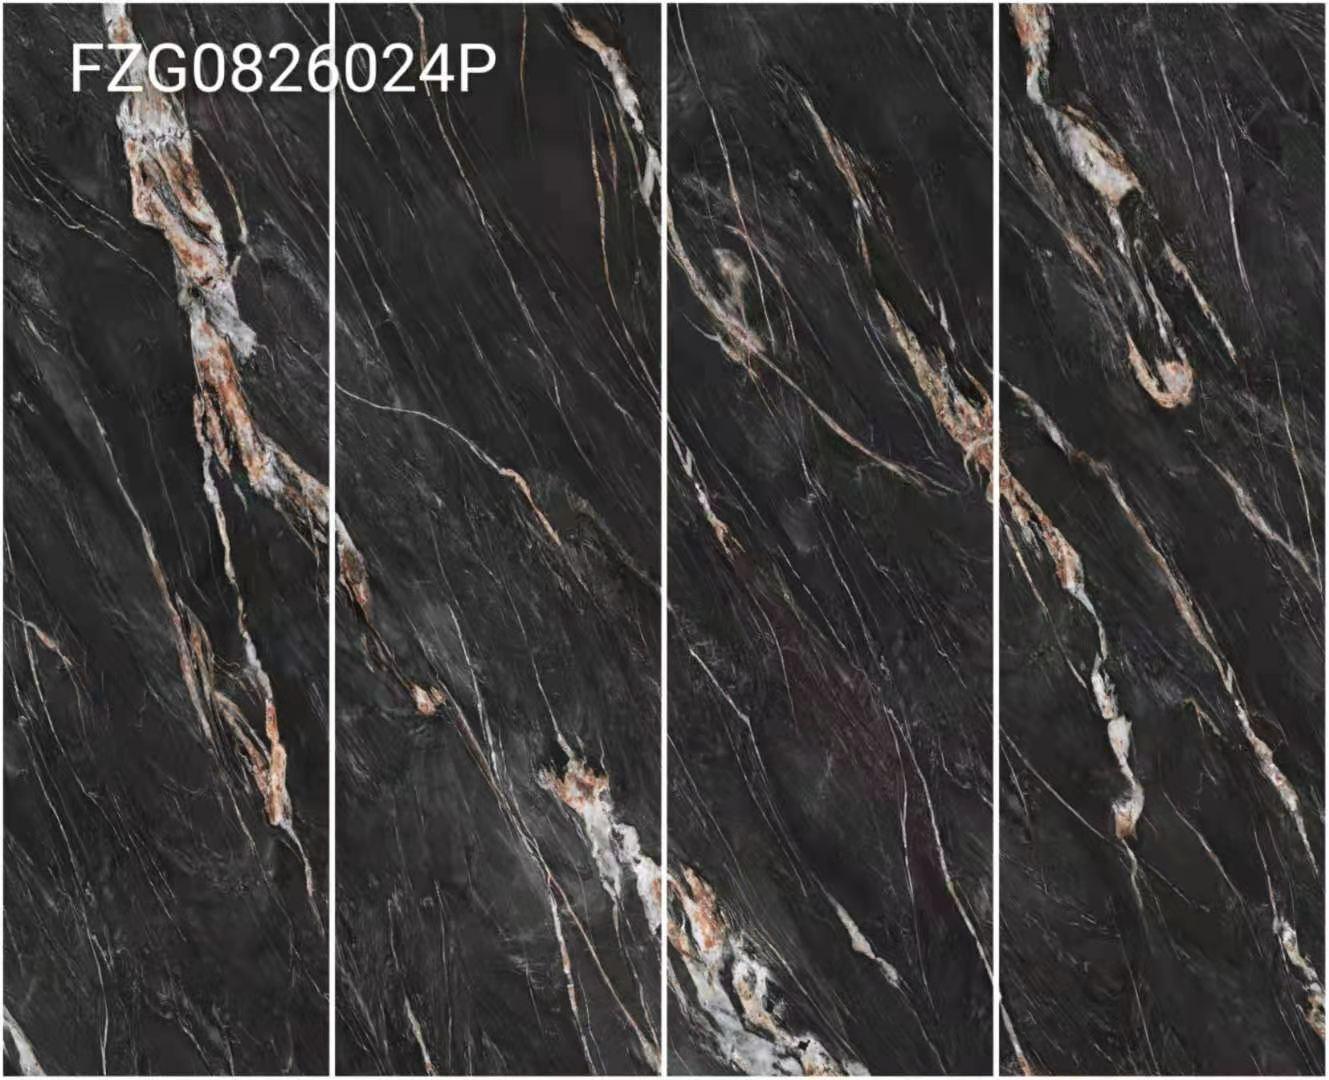 石棉县陶瓷大板生产厂家谈陶瓷大板生产技术发展趋势